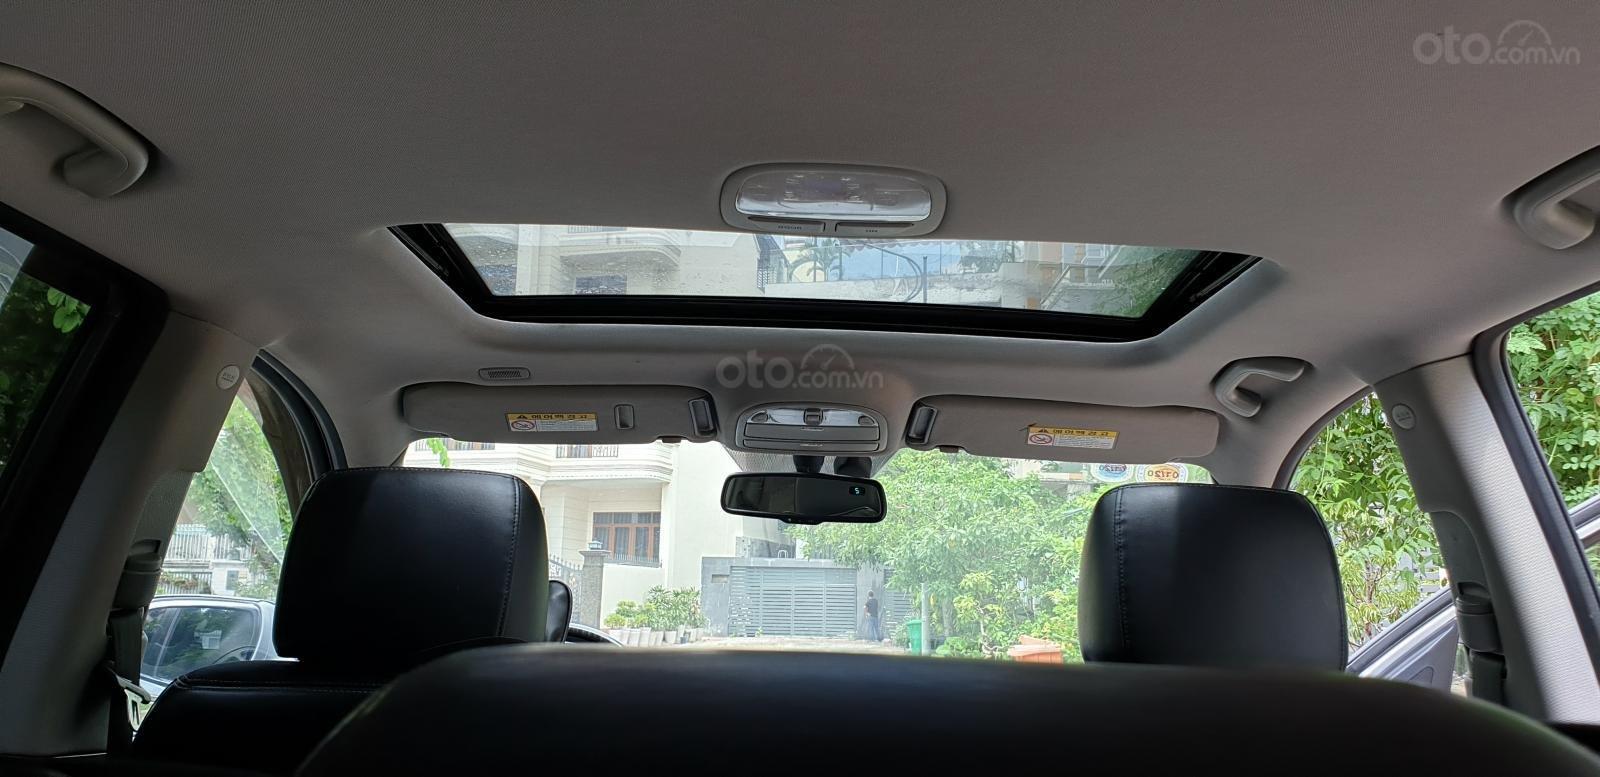 Bán Hyundai Santa Fe SLX 2.0 AT 4×2 2009, máy dầu, số tự động, màu bạc, nhập khẩu, mới 80%-10